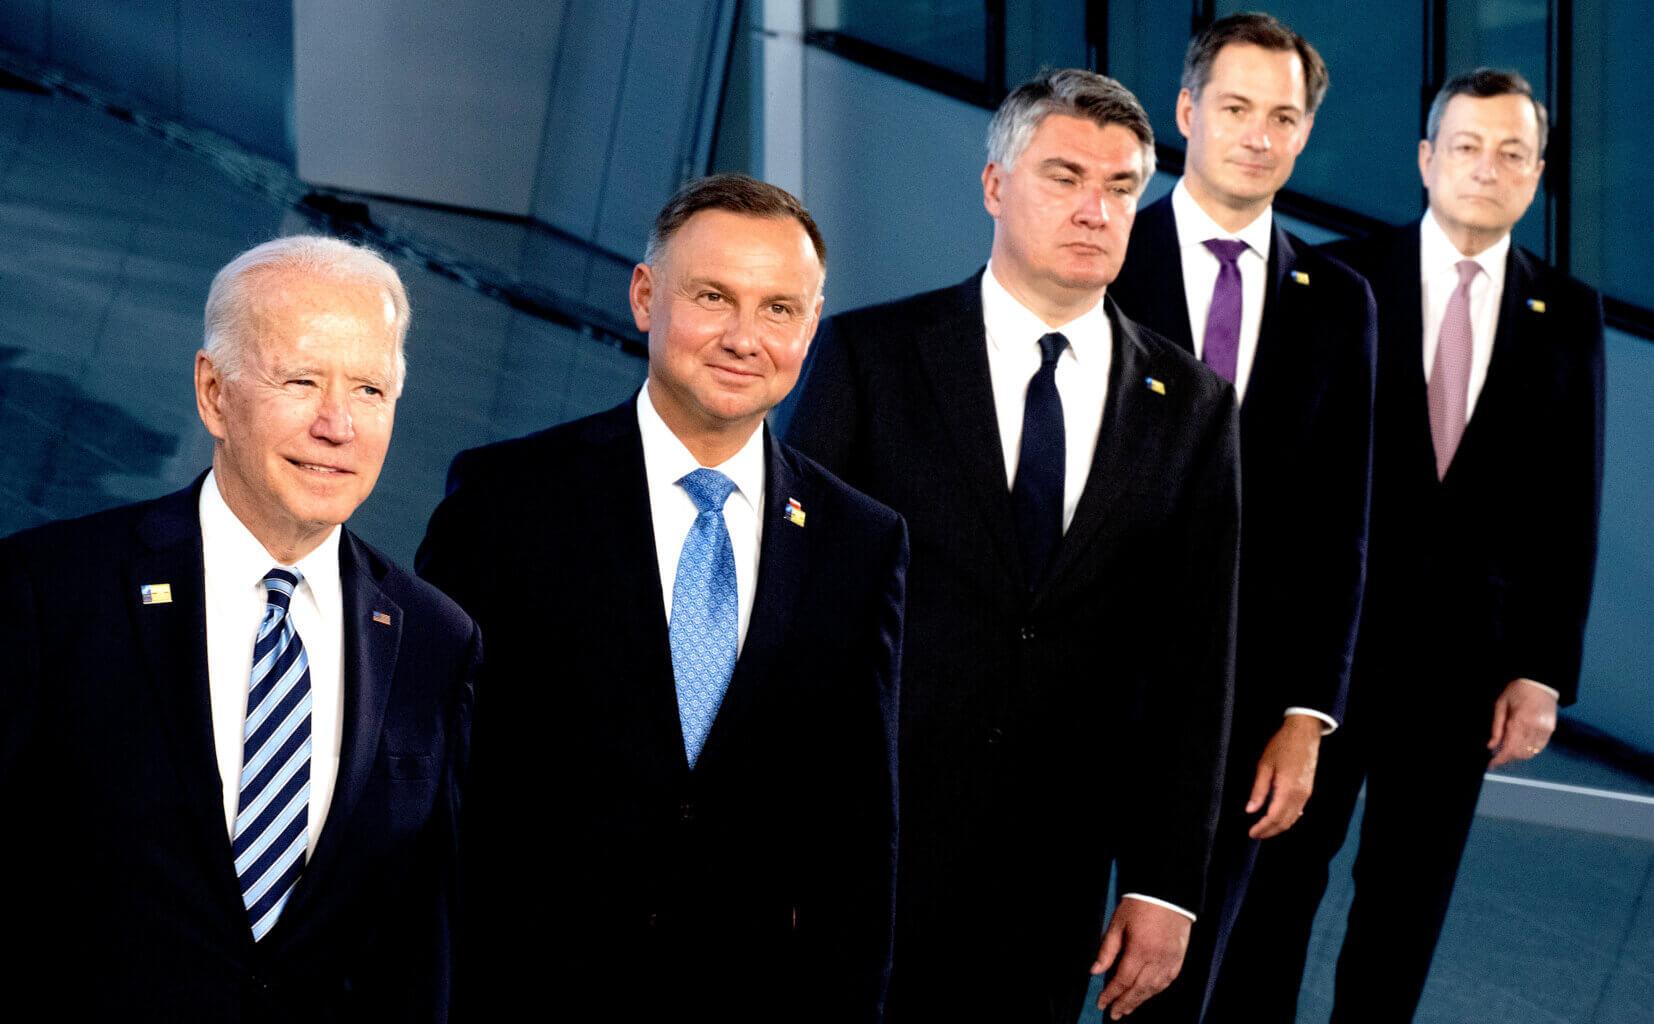 Bruce JONES: Musimy wspólnie obronić Europę przed Rosją